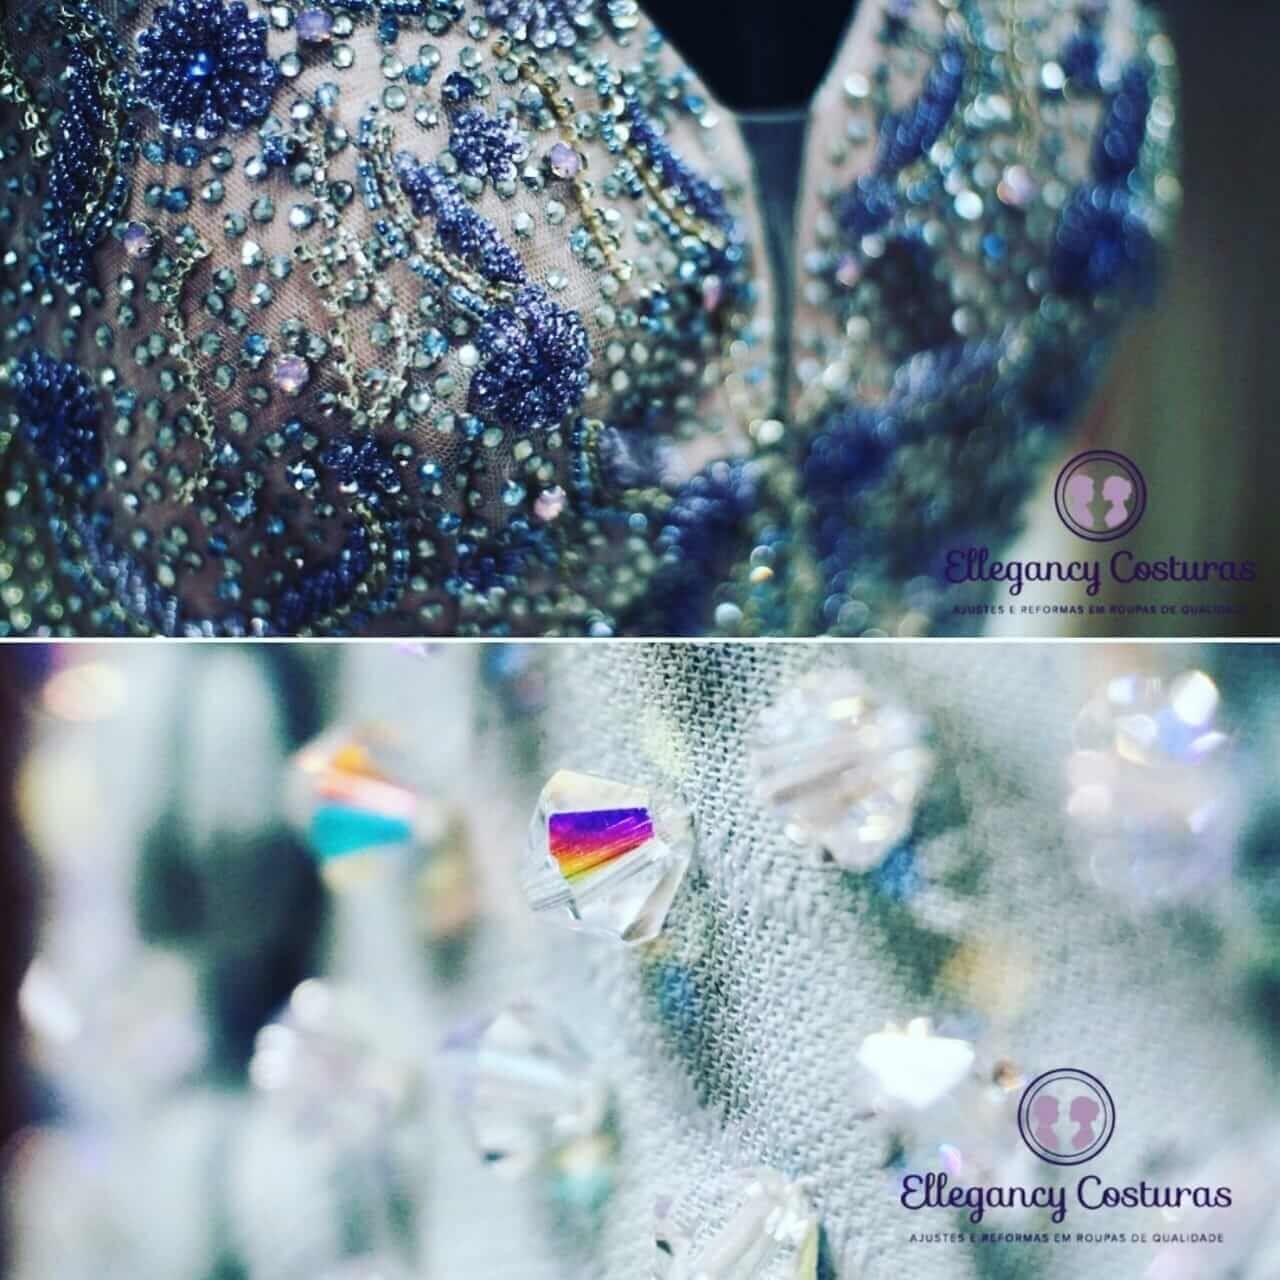 bordar-vestido-de-festa-com-pedrarias-1-8061251